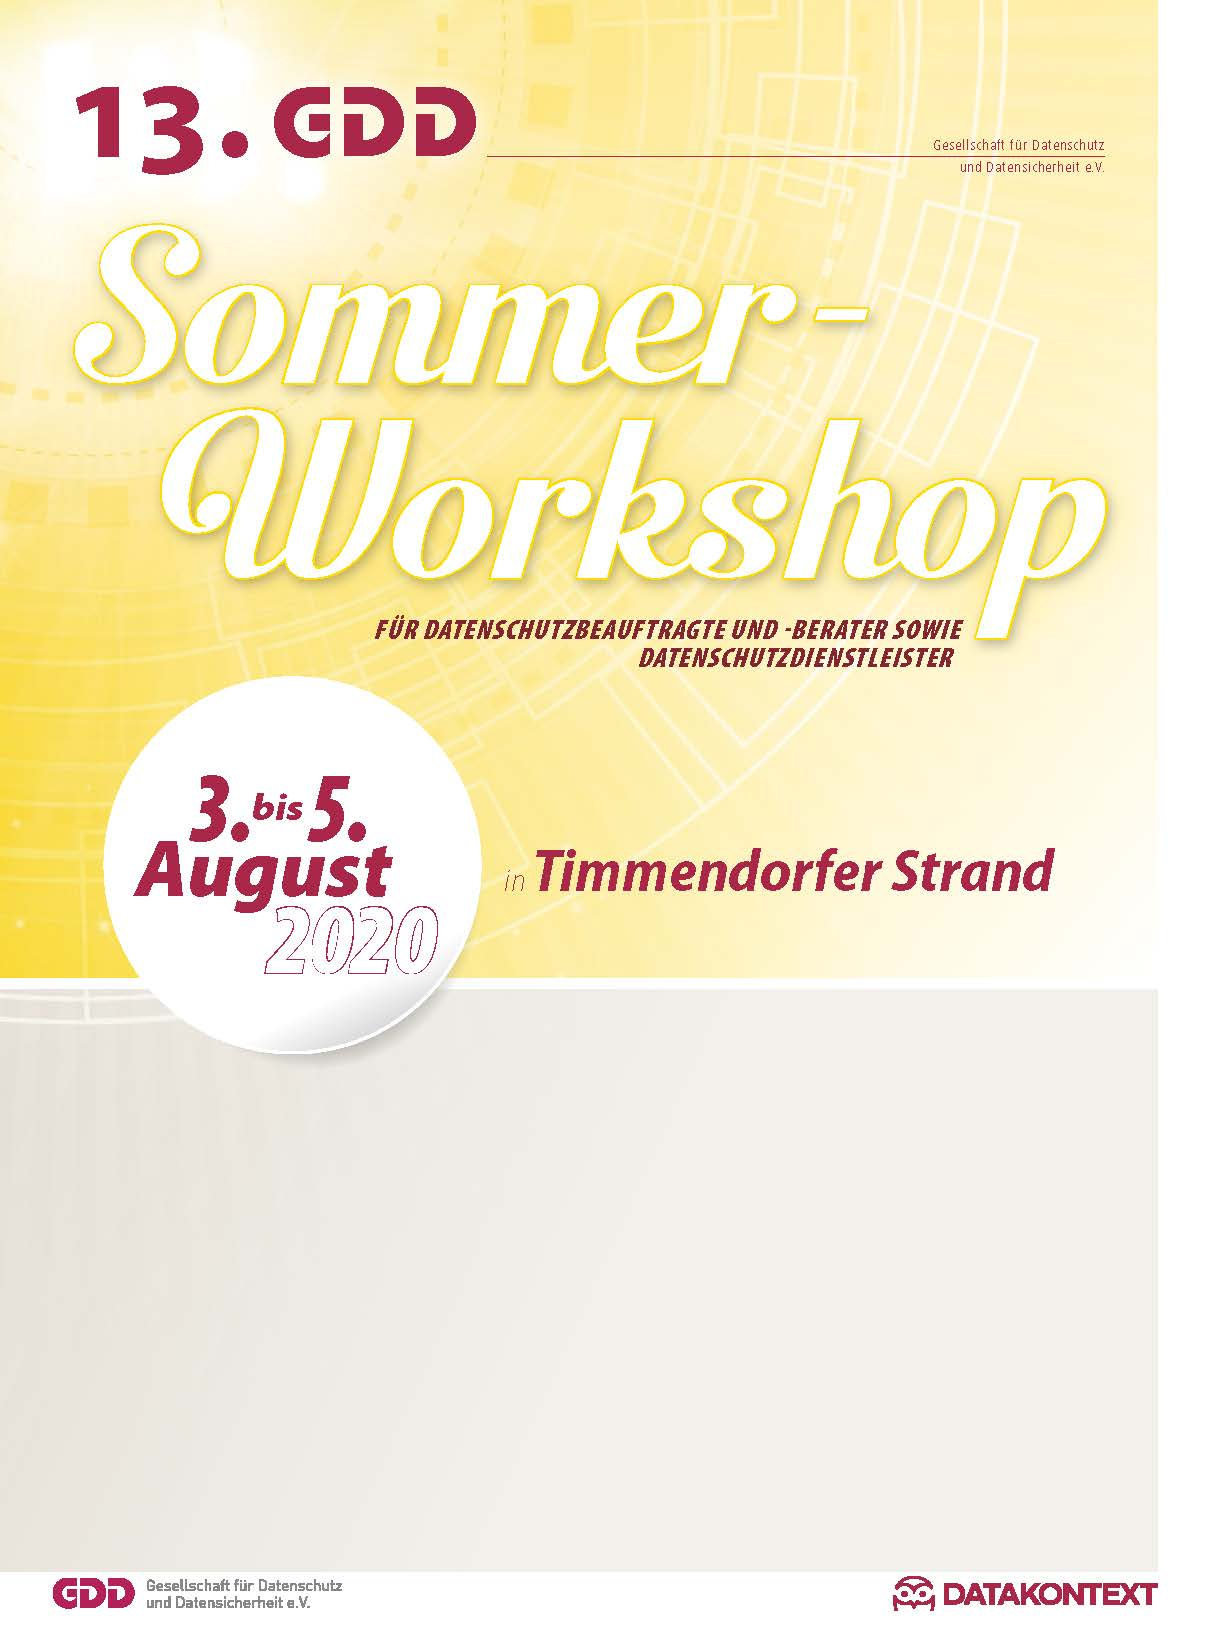 12. GDD-Sommer-Workshop für Datenschutzbeauftragte und -berater sowie Datenschutzdienstleister